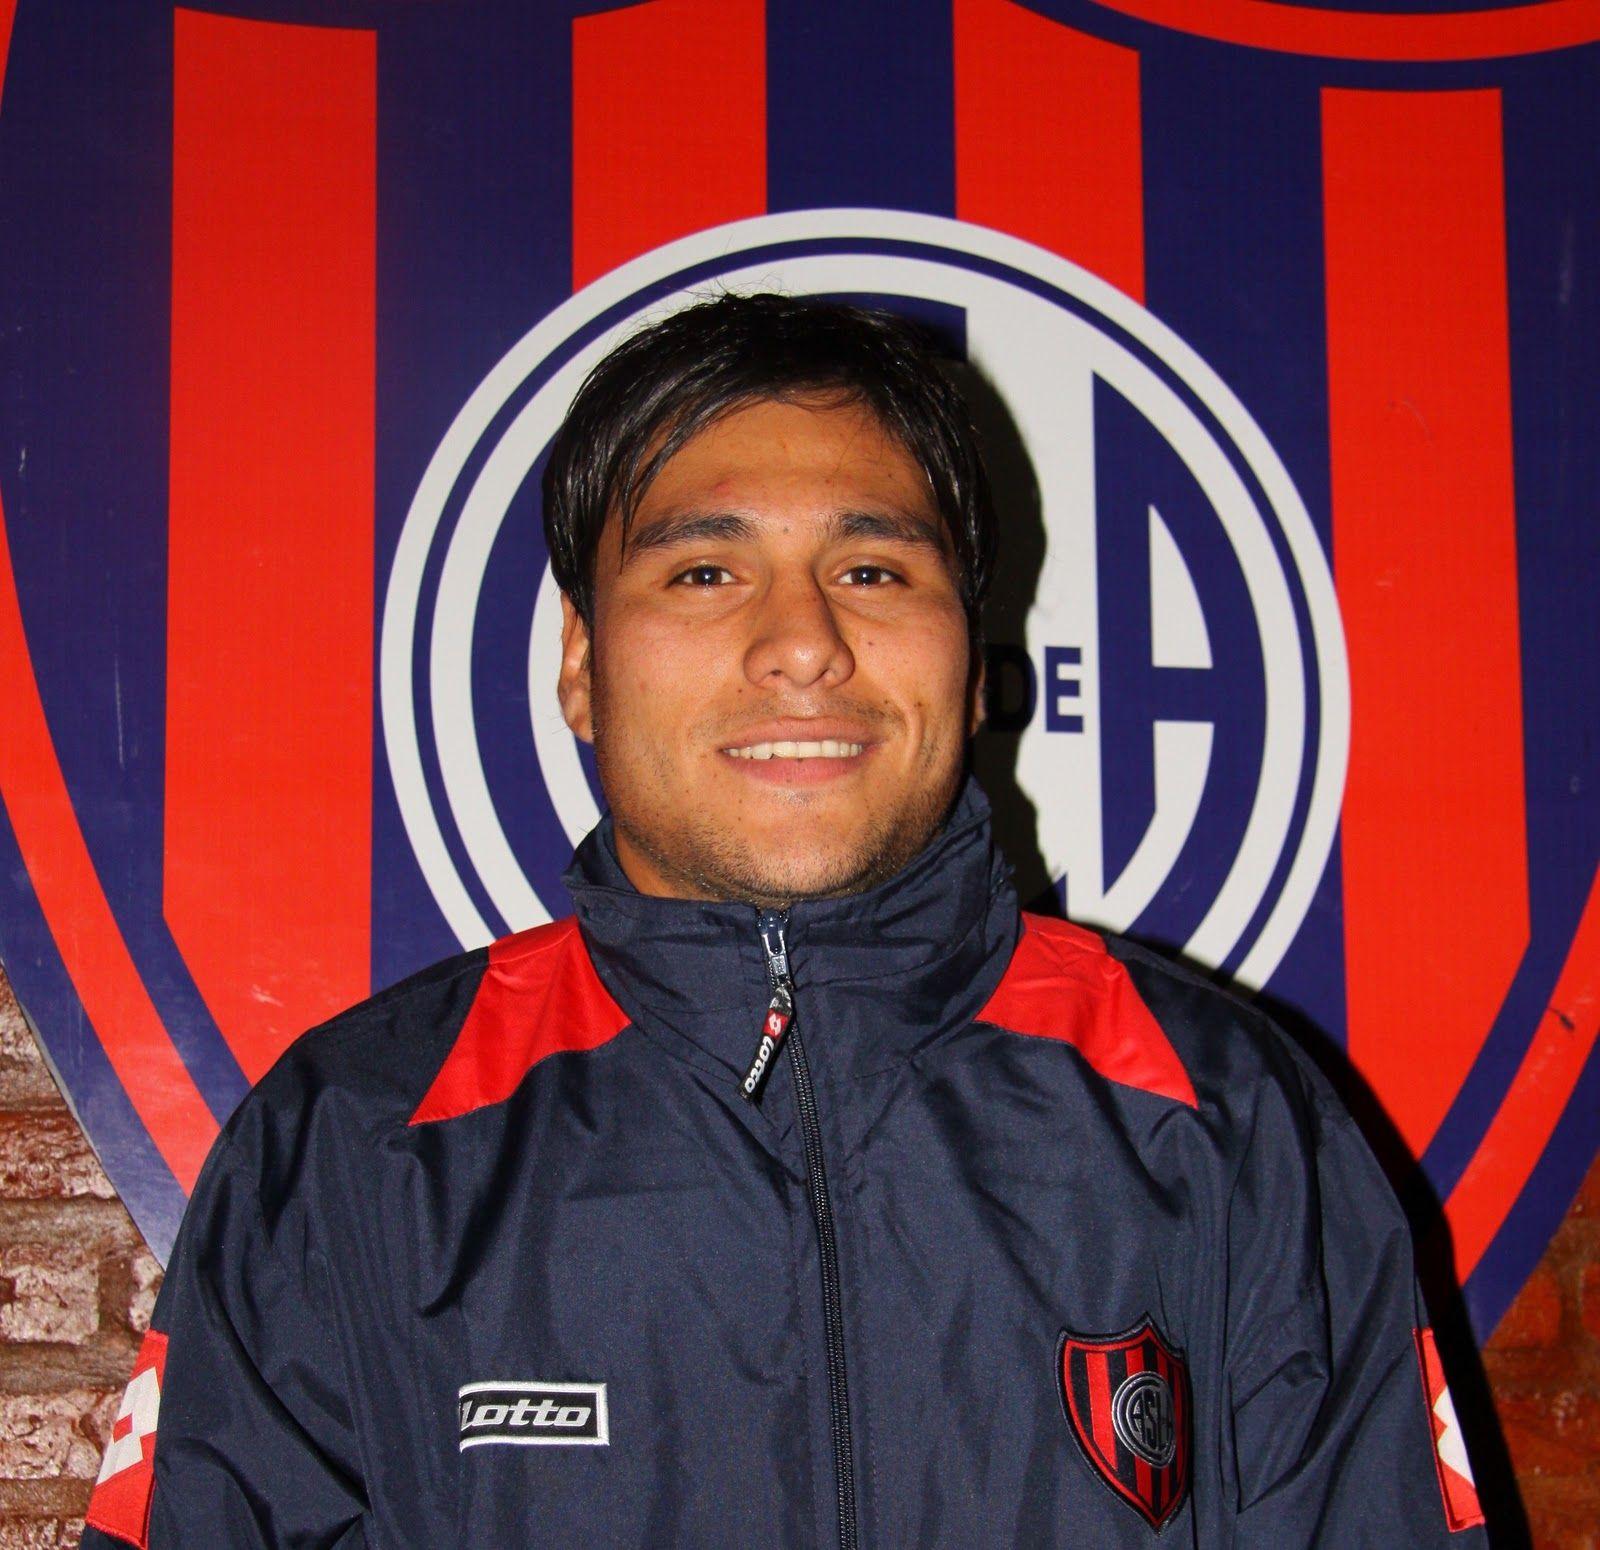 José Luis Palomino